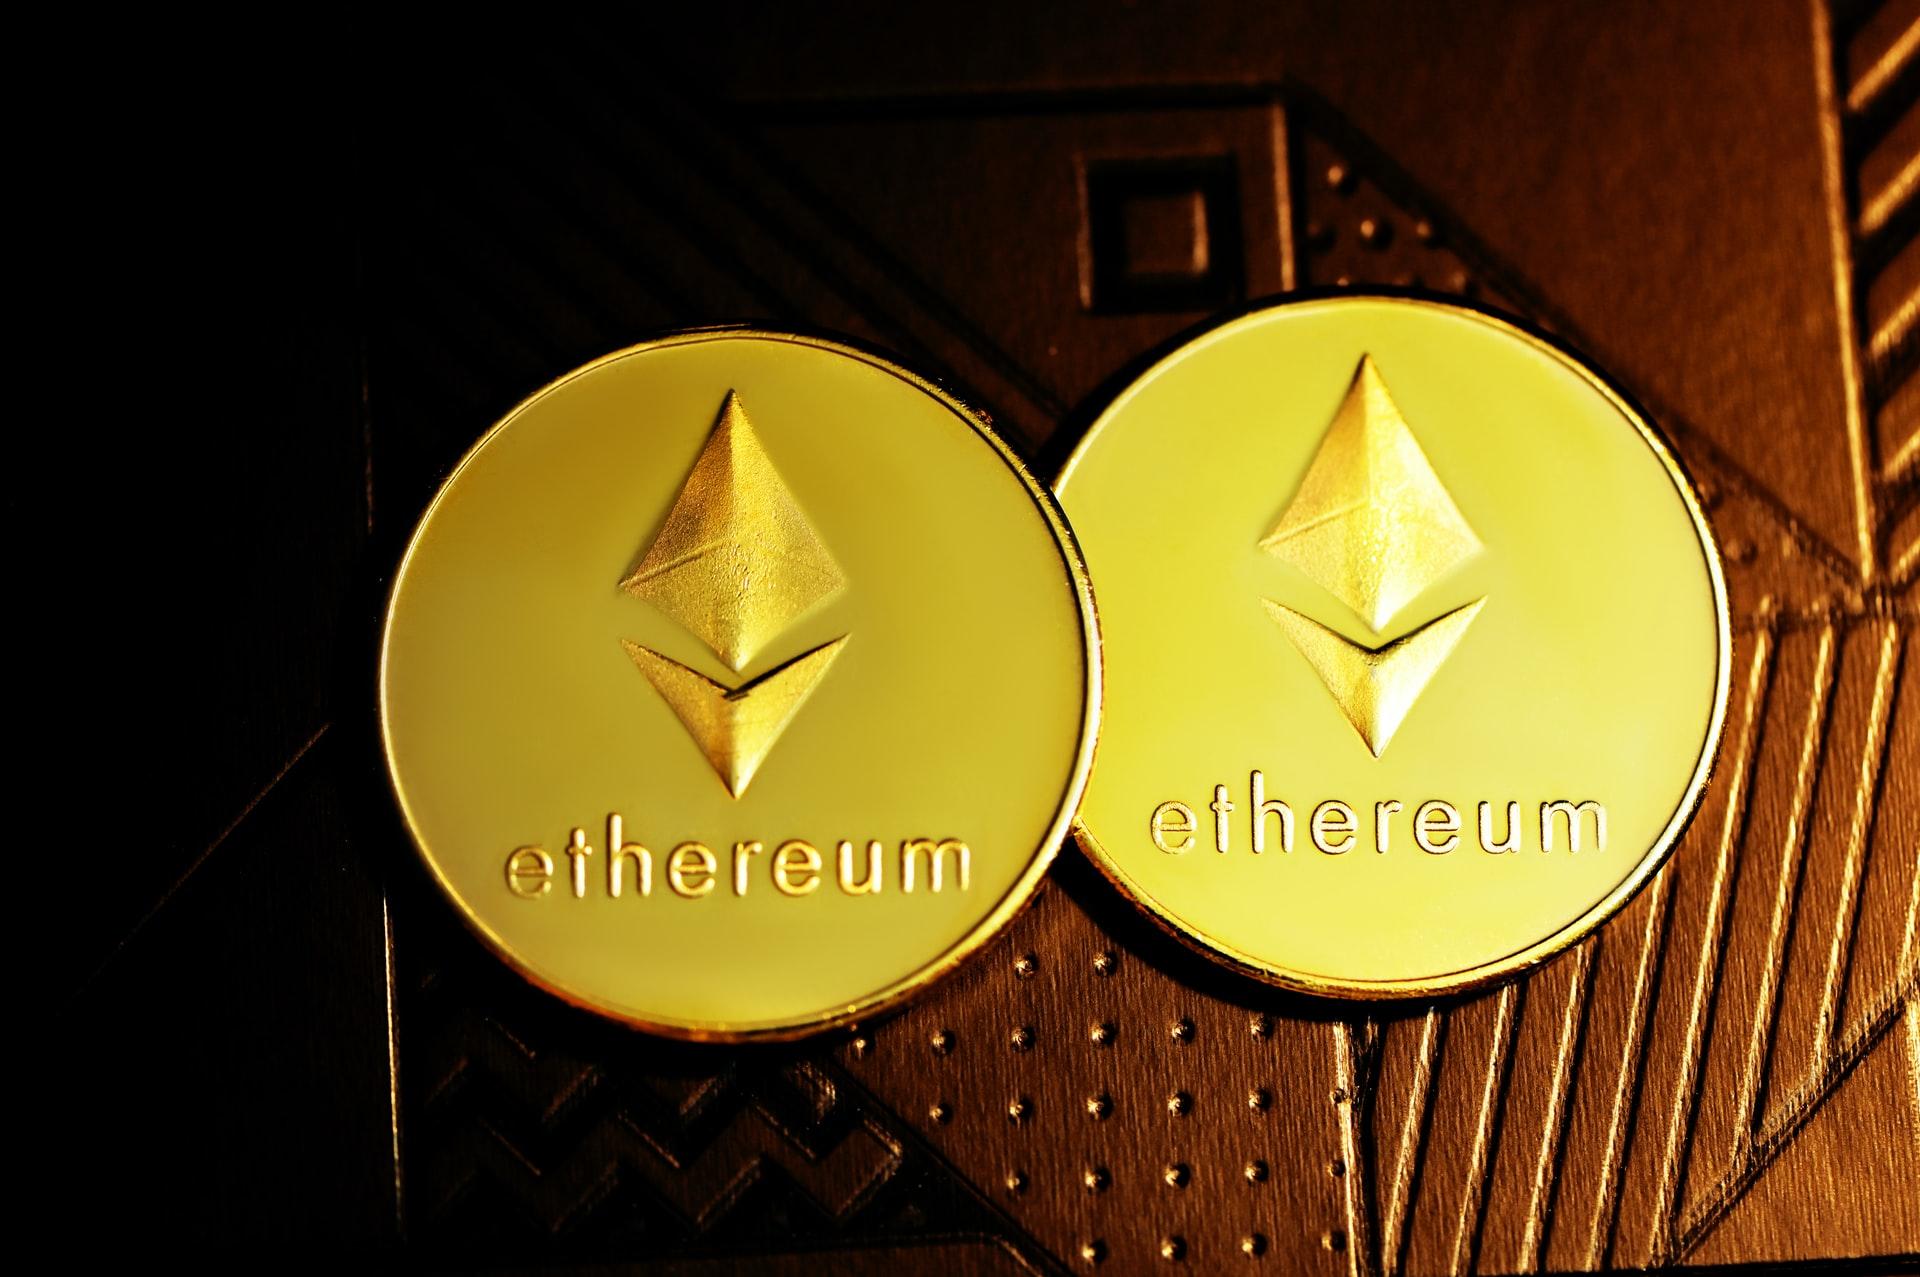 Ethereum Kurs Prognose – Kurs an einem kritischen Level – Bald bei $2.000?